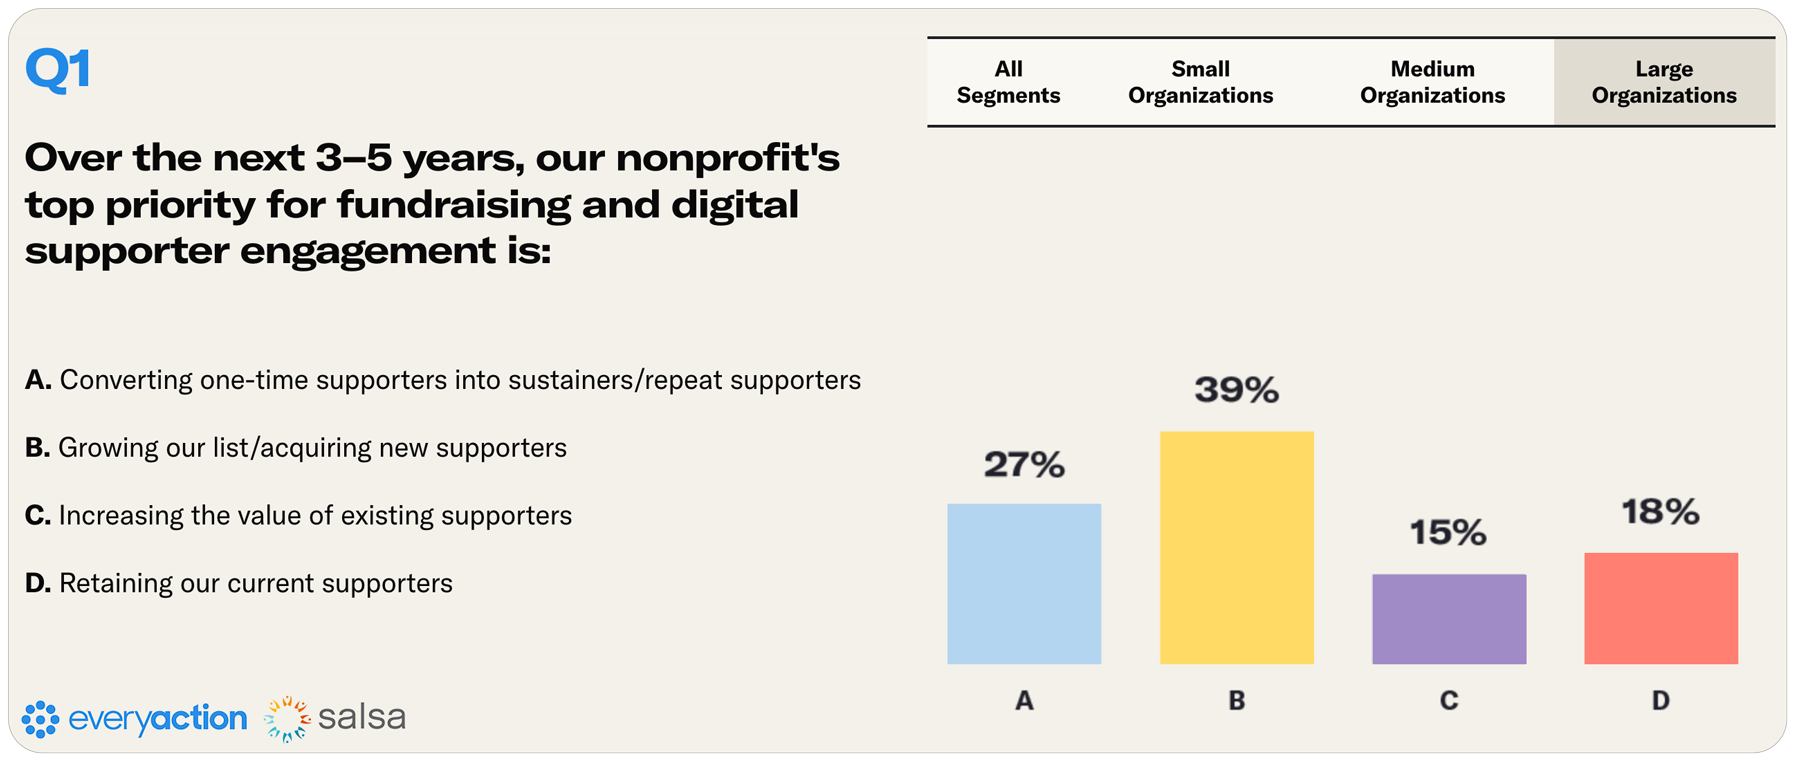 Nonprofit Fundraising Survey Q1 Large Nonprofits Image